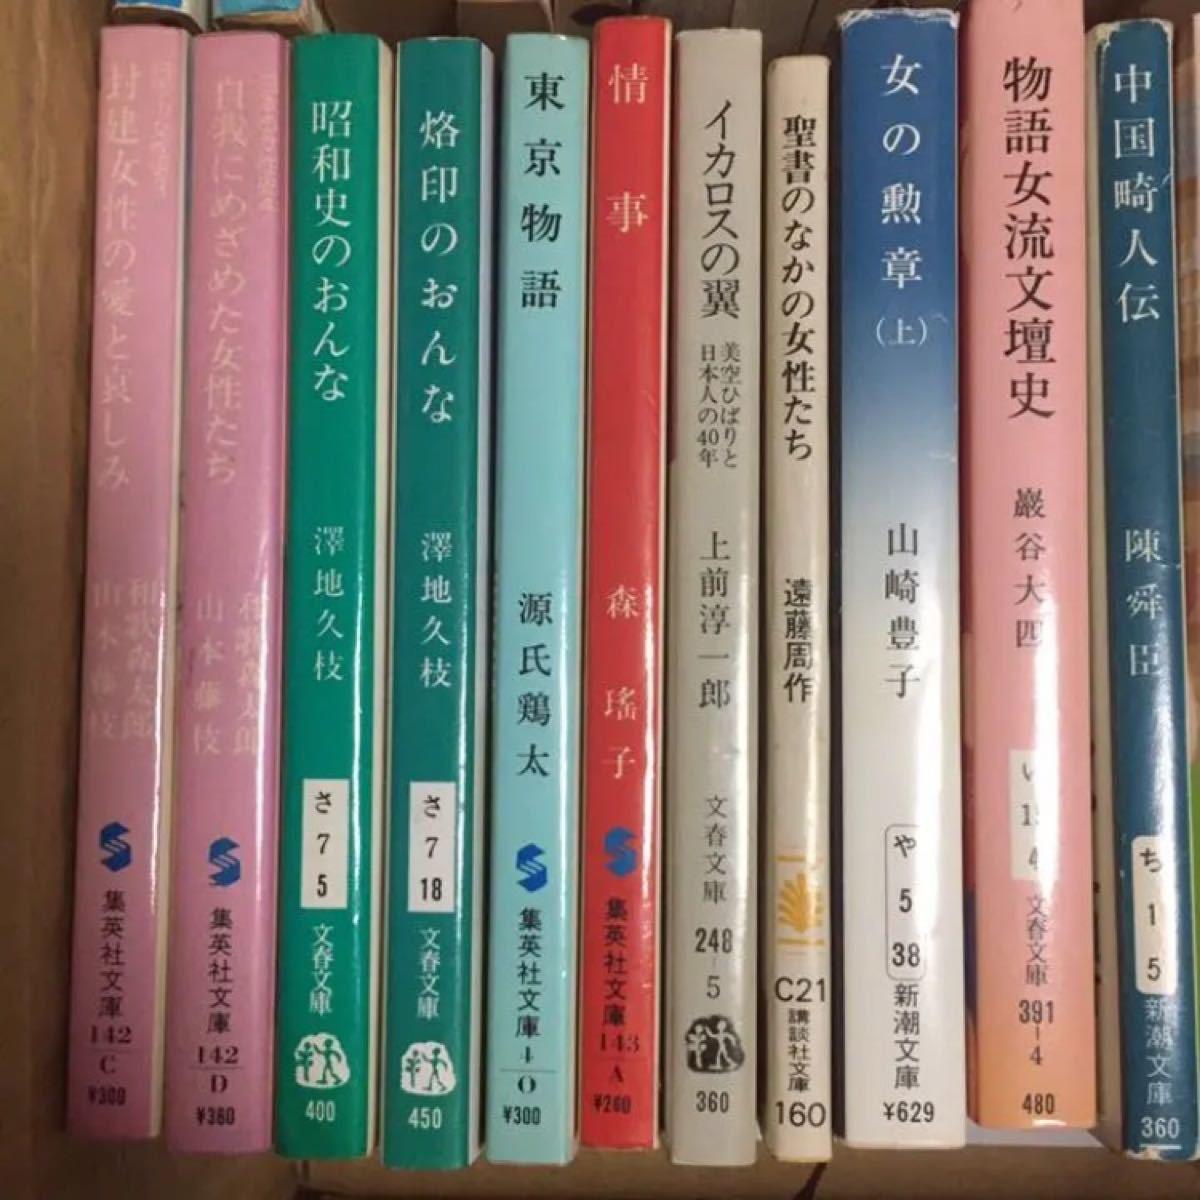 【文庫本】永井路子他 文庫本 32冊セット USED 価格の相談NG